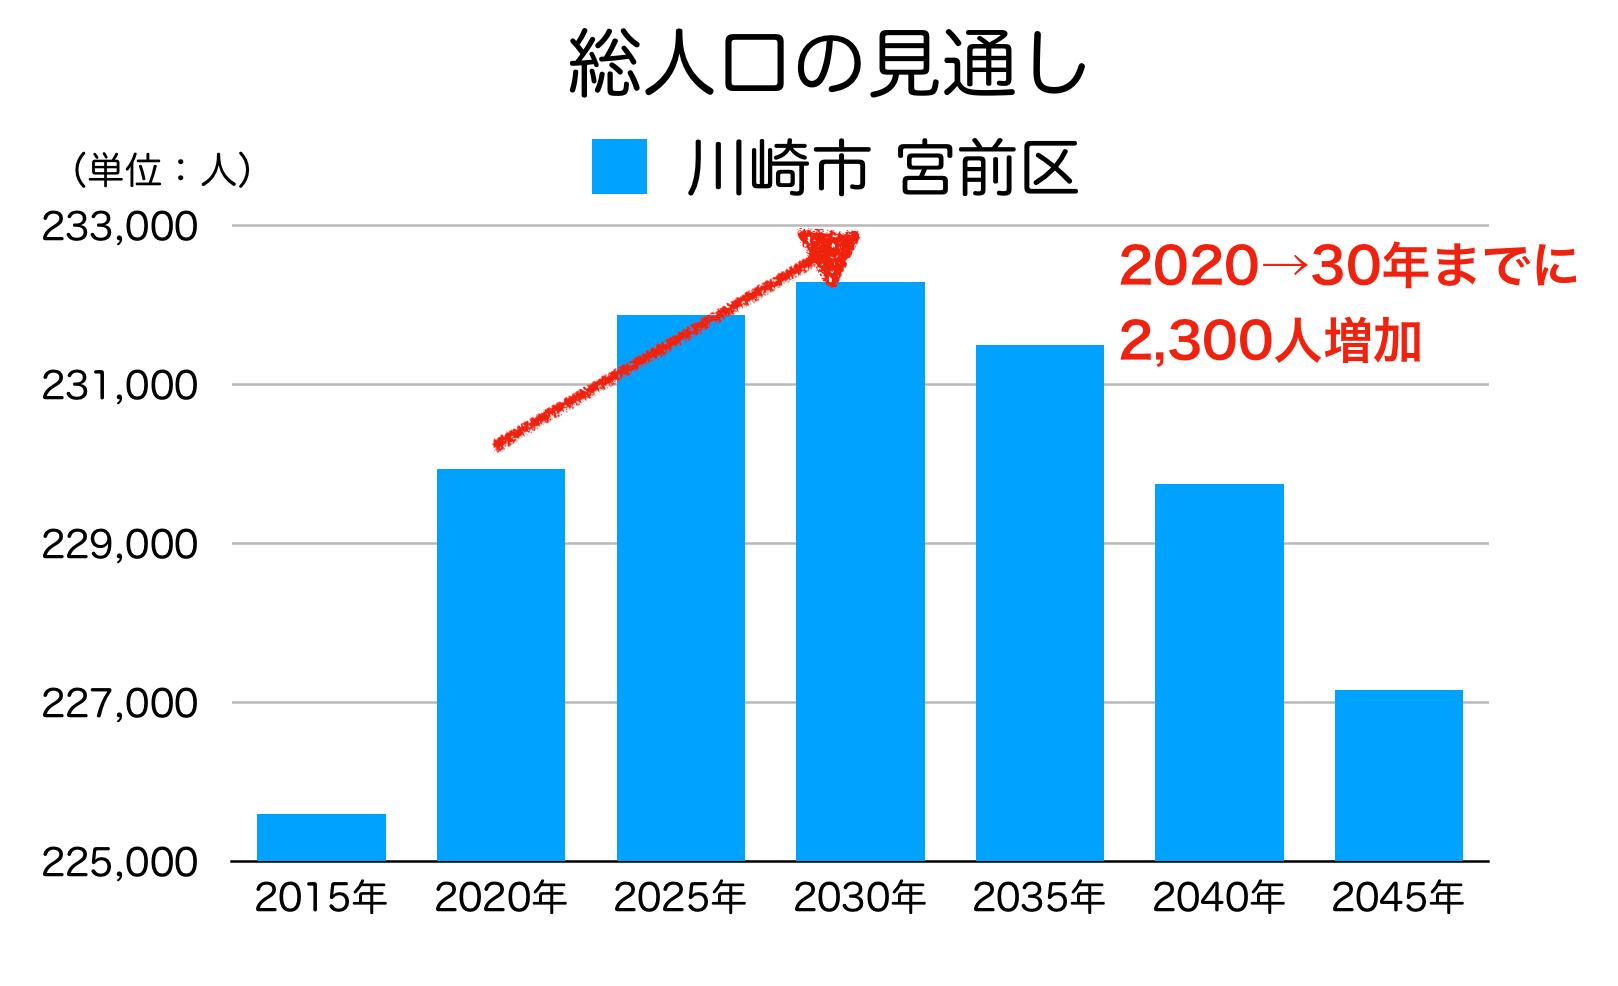 川崎市宮前区の人口予測